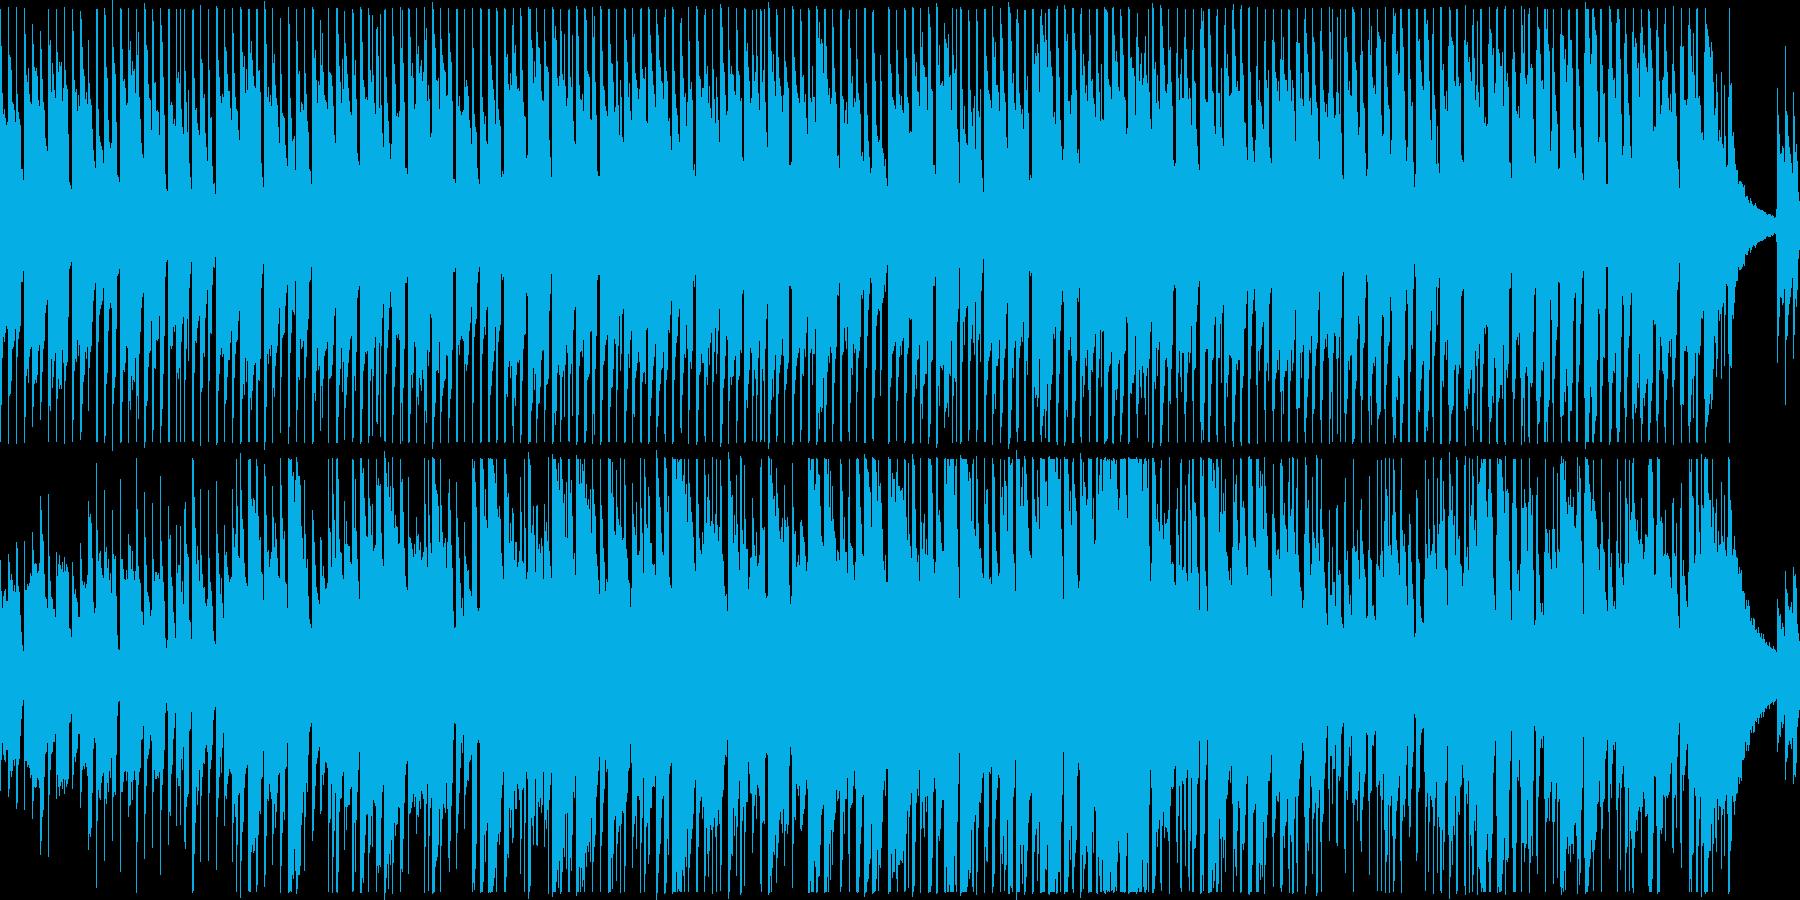 アコギ2本のクールで落ち着いたBGM/pの再生済みの波形